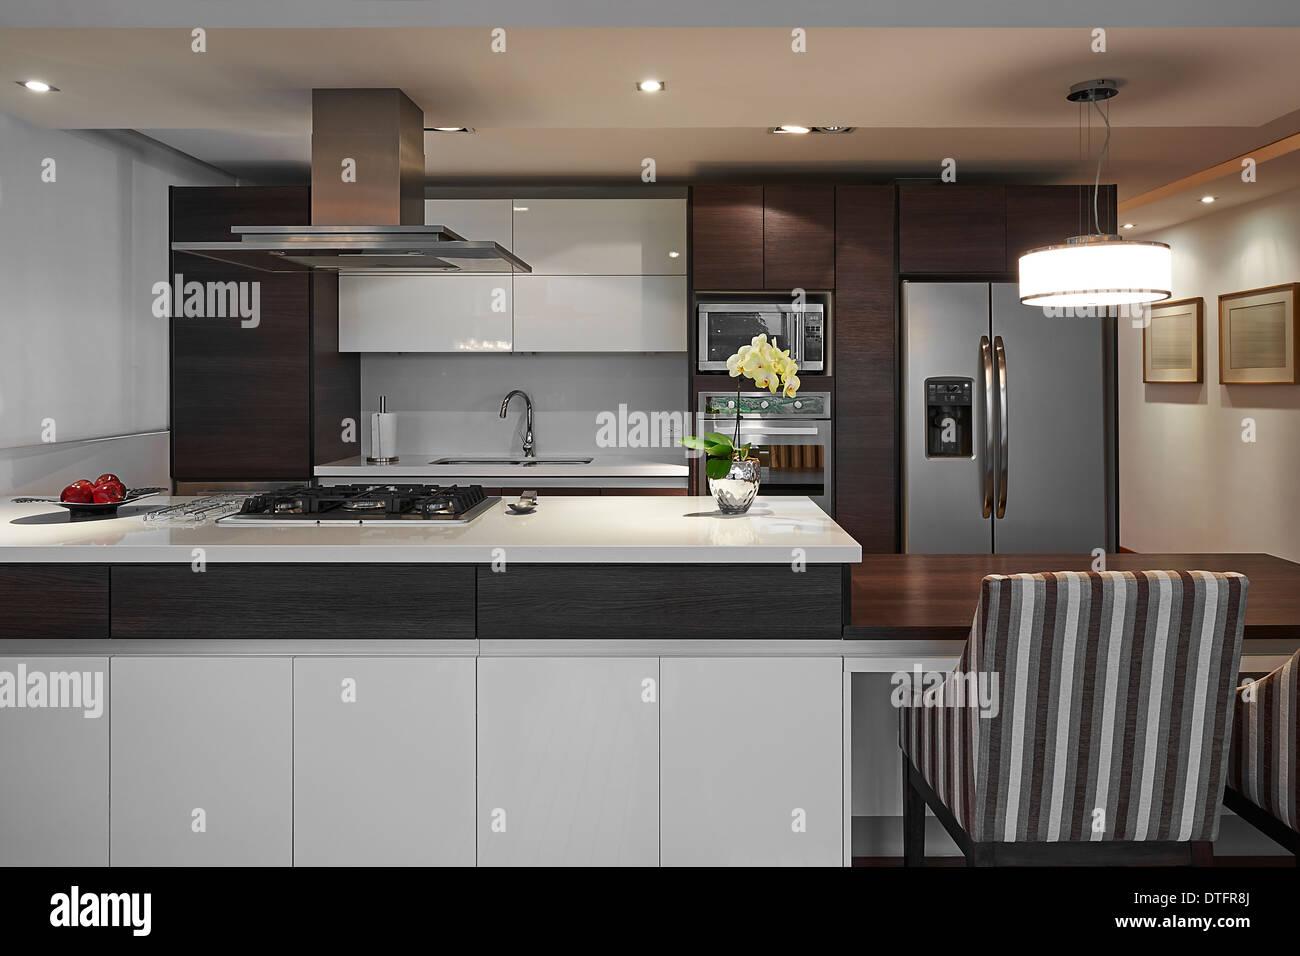 Innenarchitektur: Moderne Große Küche